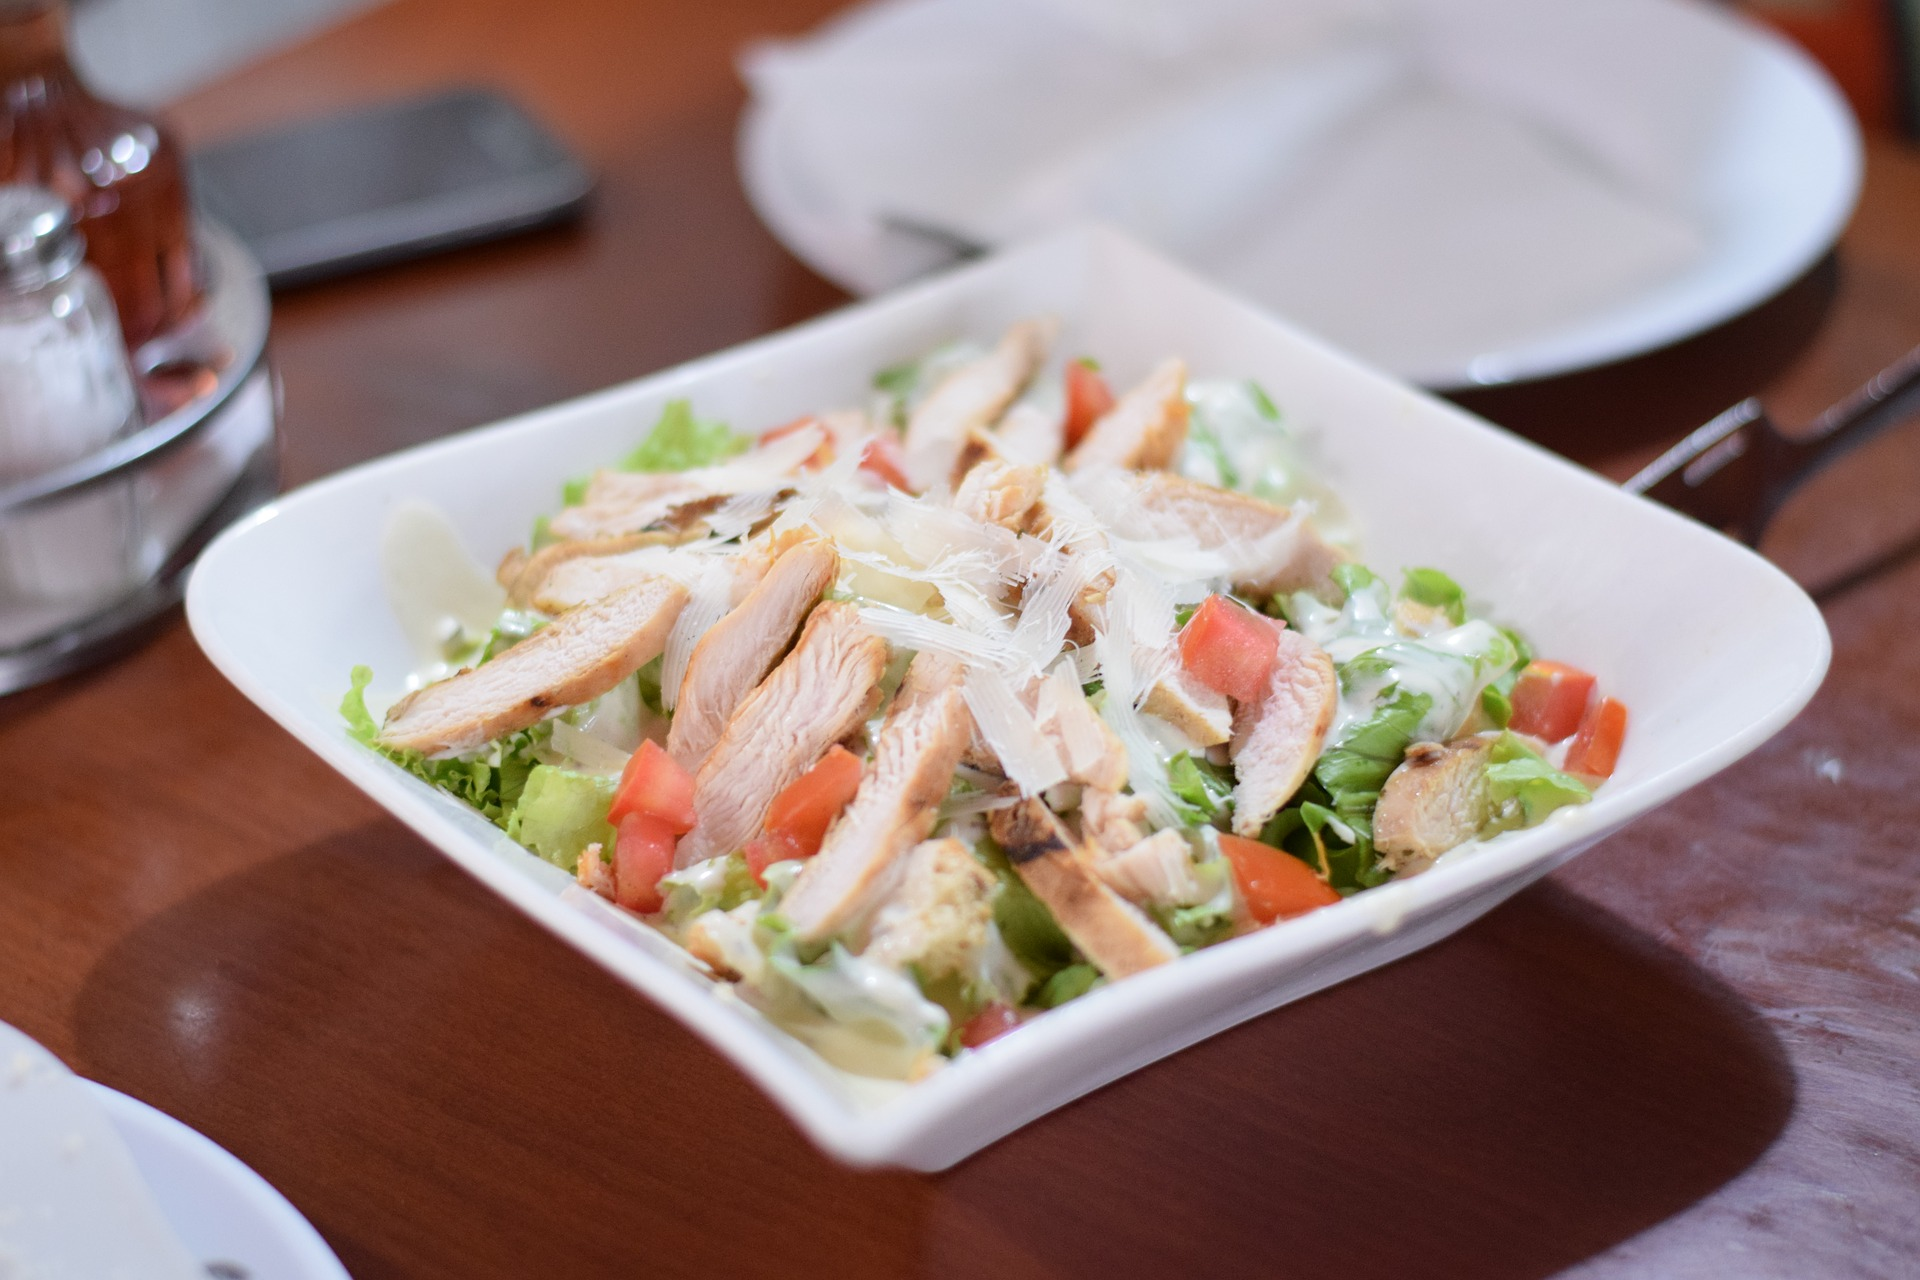 Chicken salad (photo: ExplorerBob)